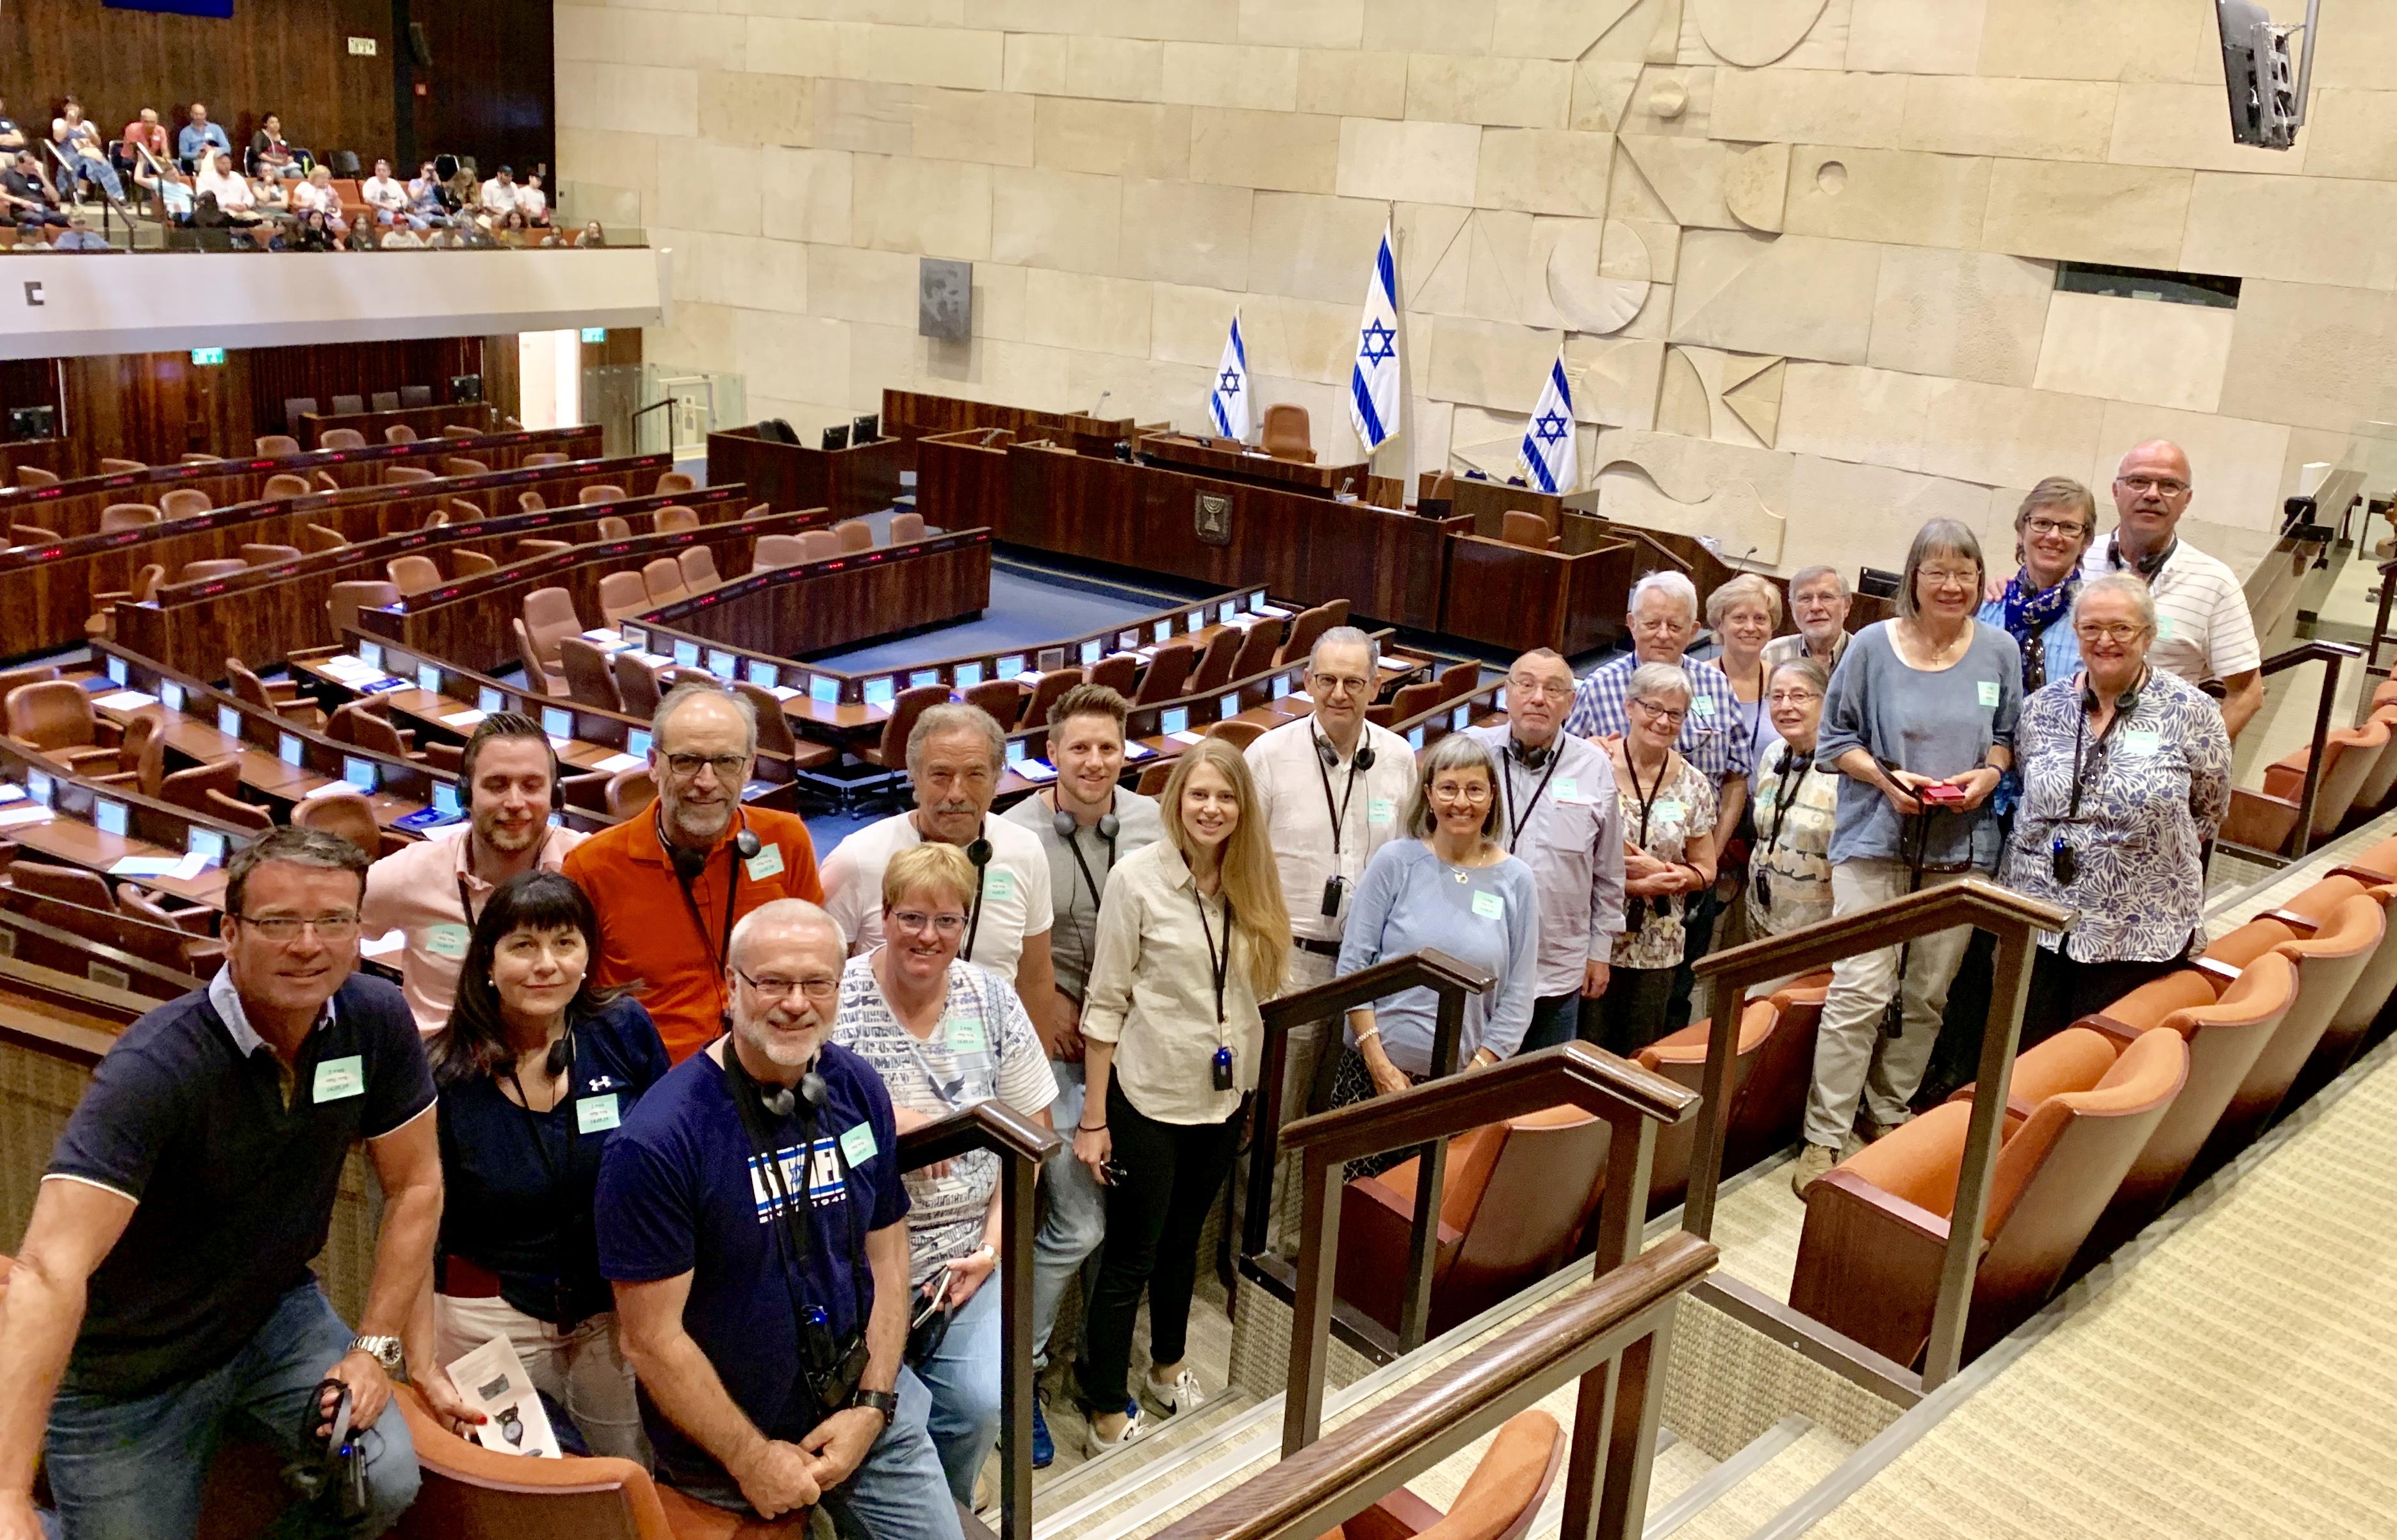 Besuch beim israelischen Parlament, der Knesset